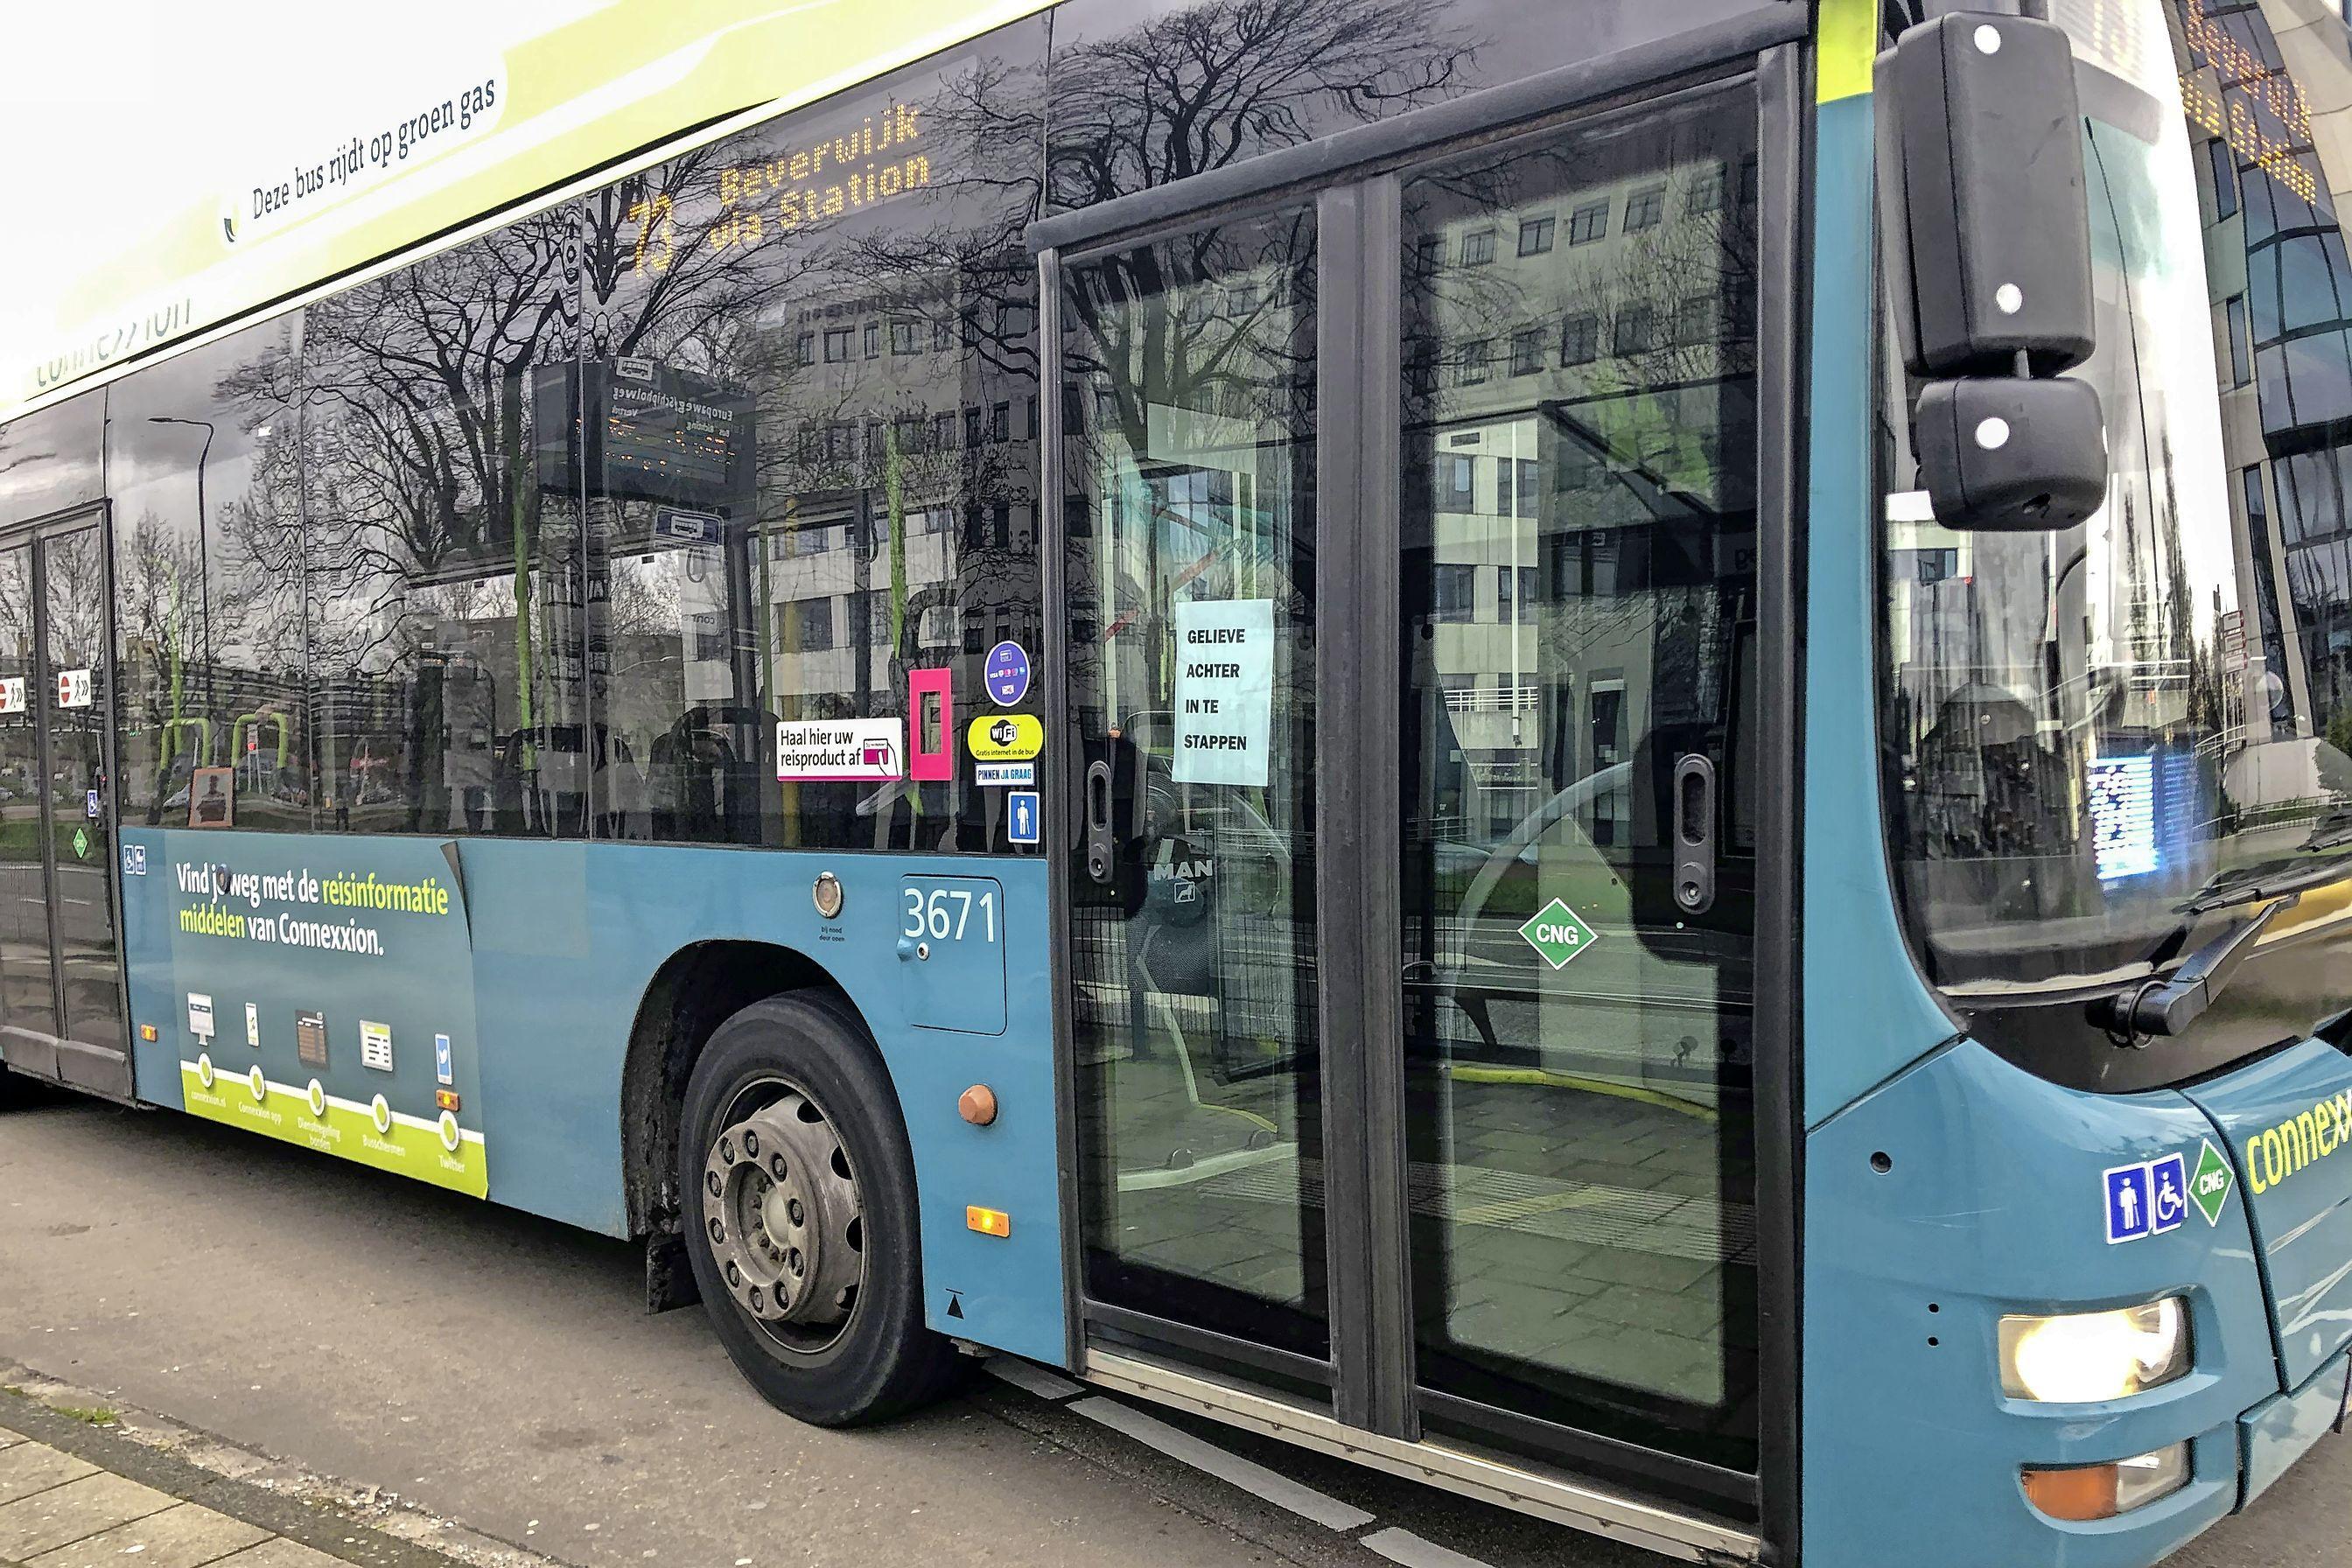 Connexxion en de provincie willen terug naar de reizigersaantallen van voor de coronacrisis. Lukt dat niet, dan gaan bussen mogelijk minder vaak rijden